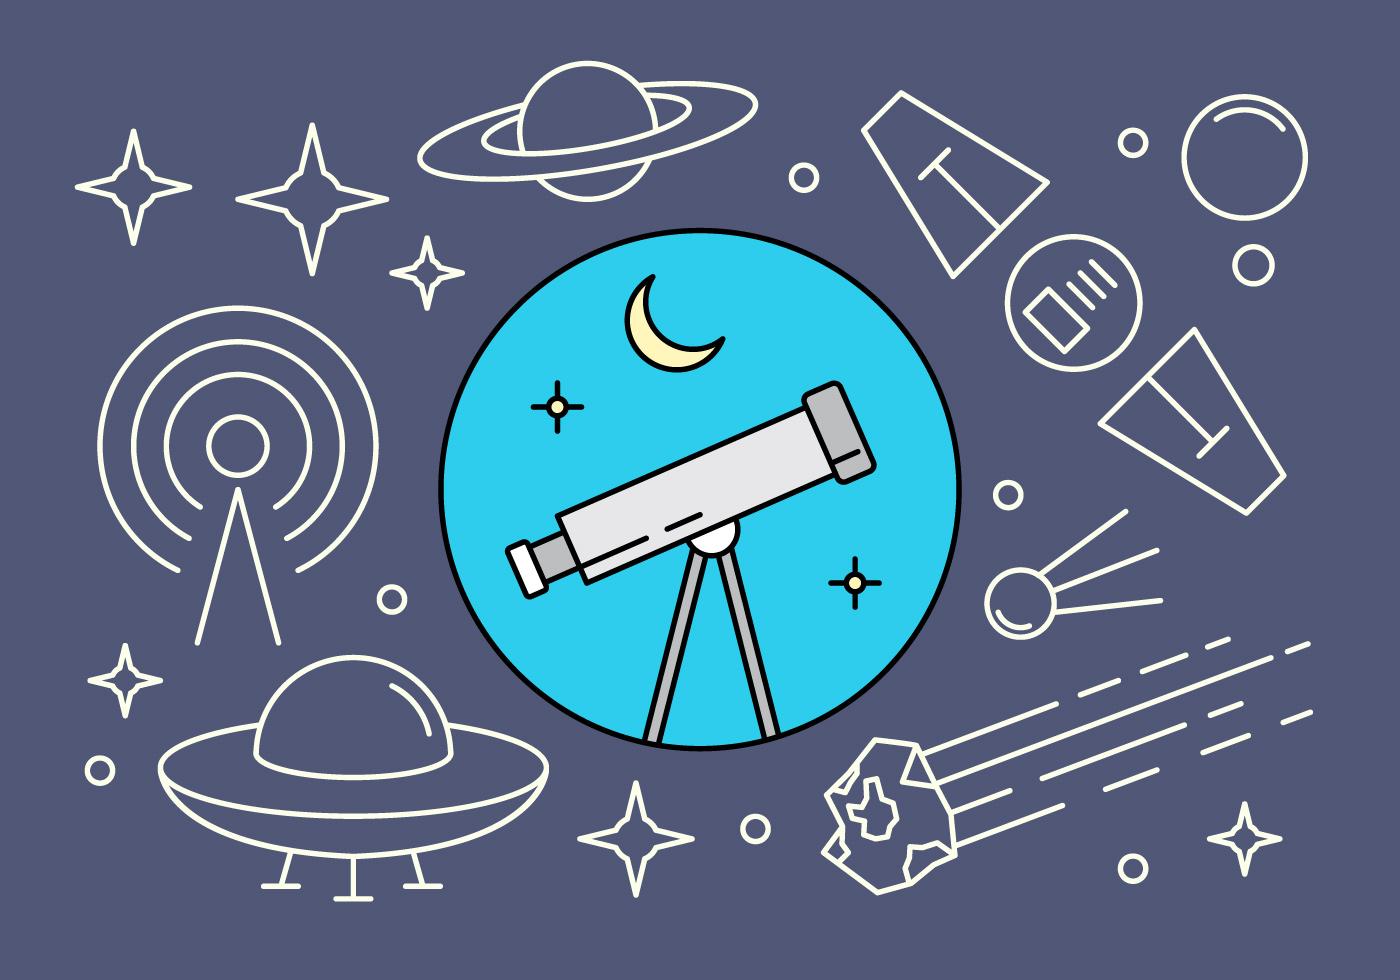 Астрономия картинки для детей, прикольные